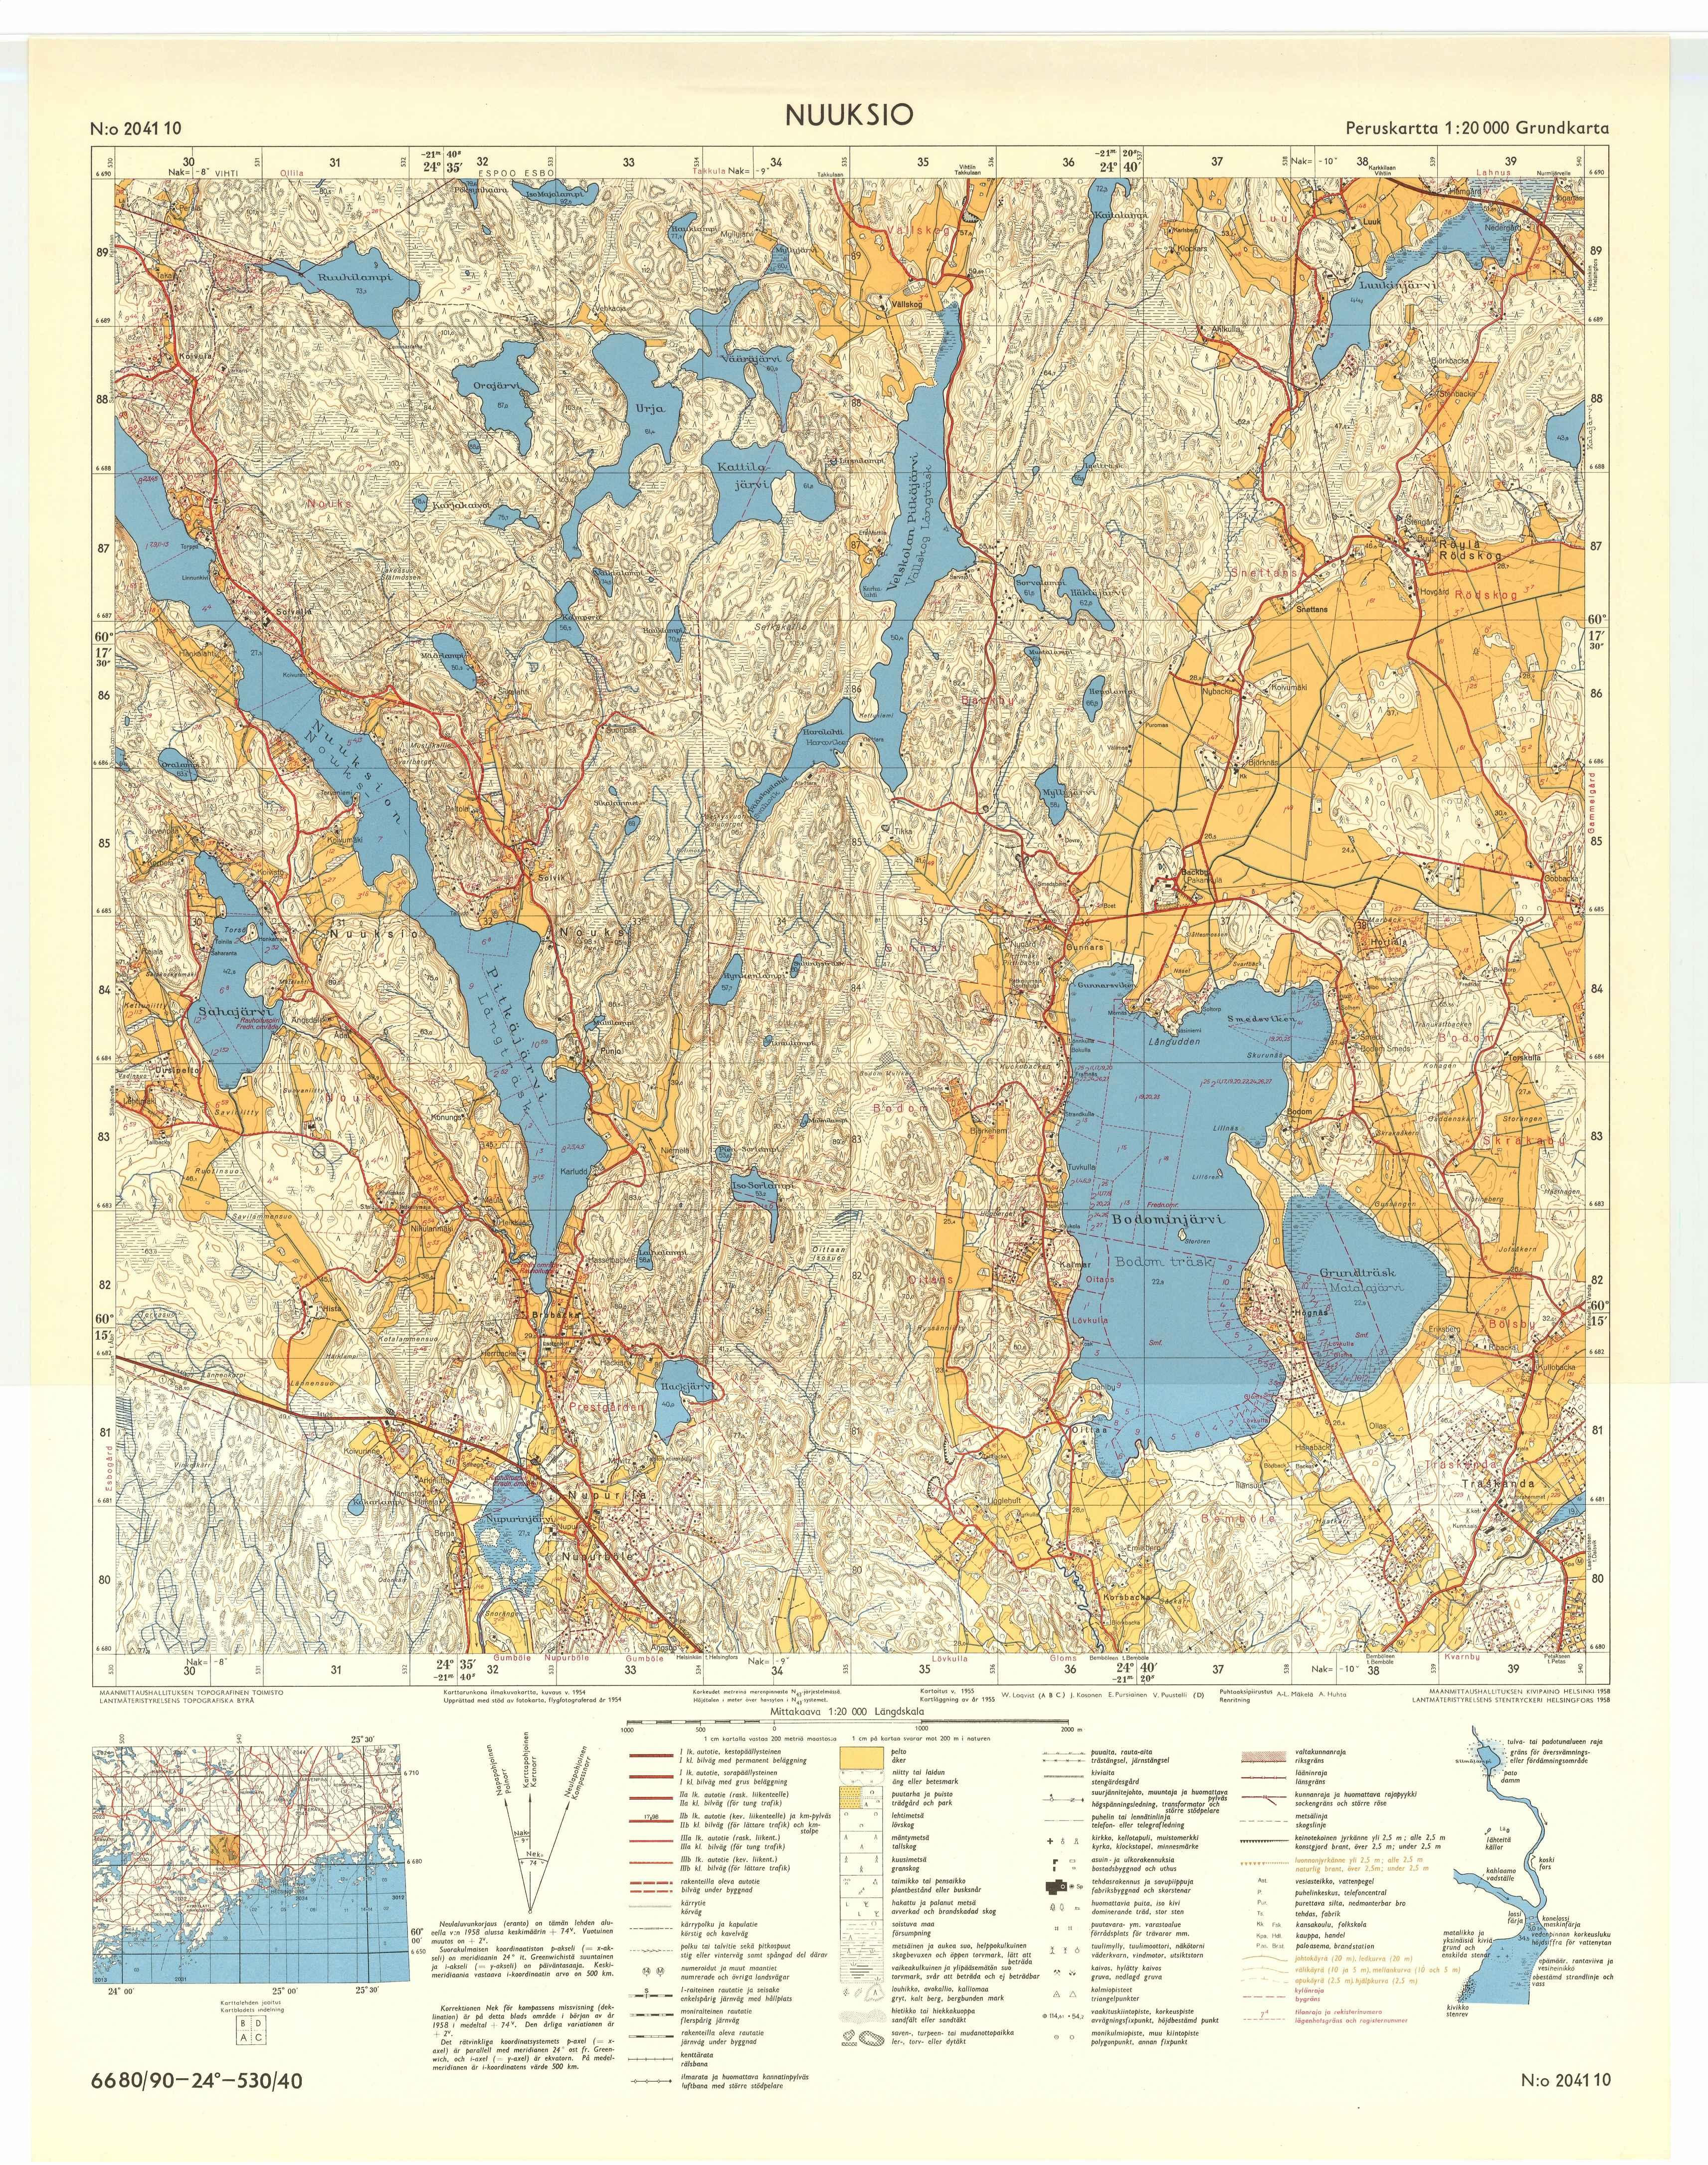 Kartta vuodelta 1958